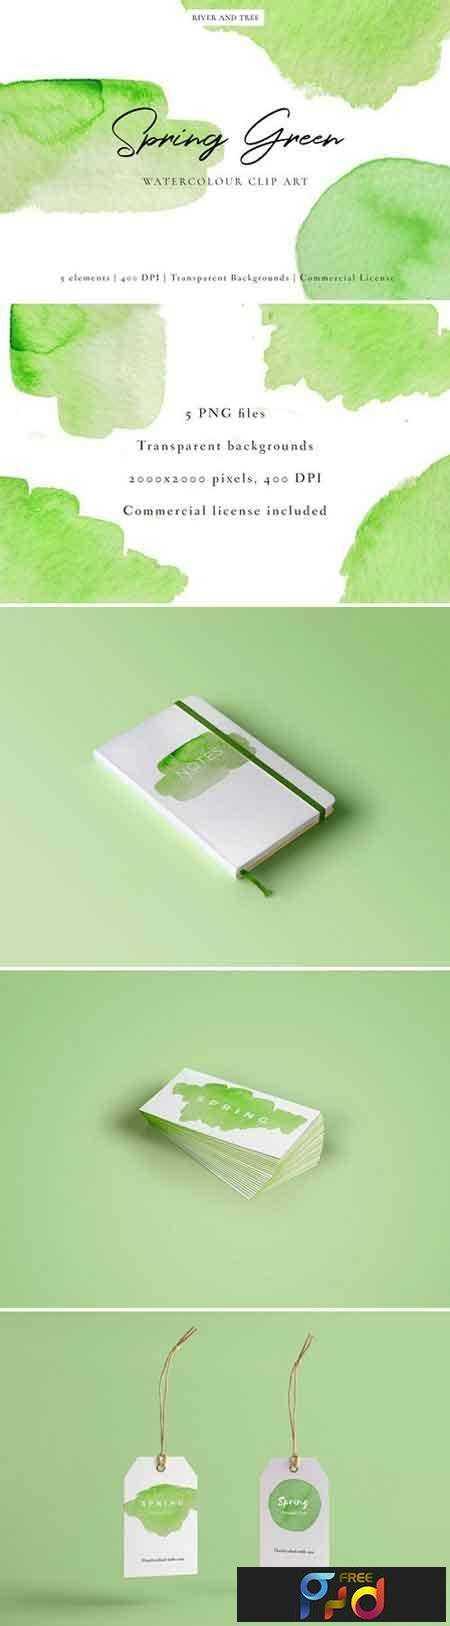 1804243 Spring Green Watercolour Clip Art 2232381 1